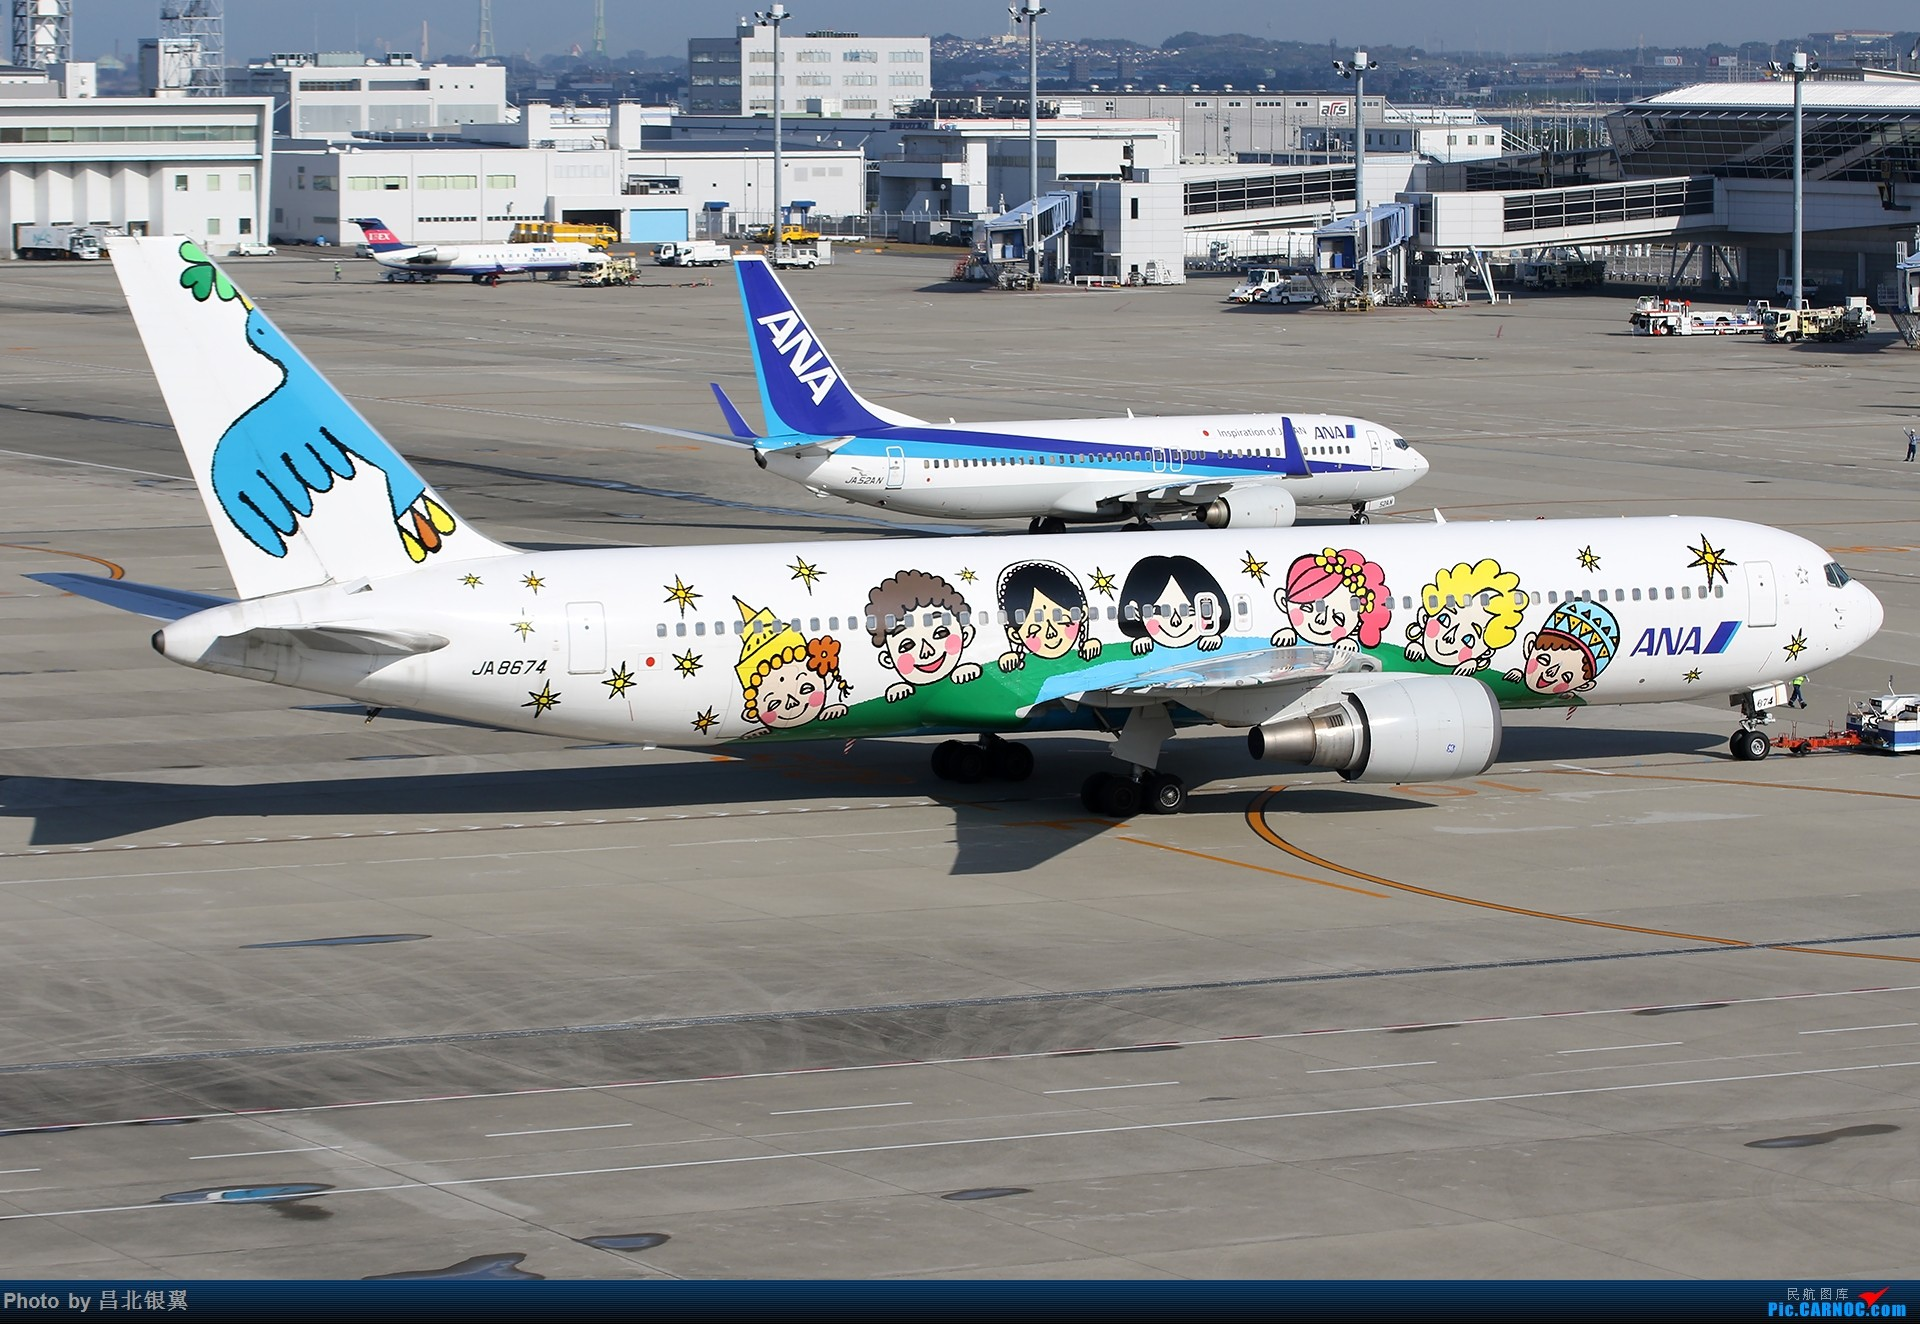 [原创]【1920*1280】全日空 60周年纪念彩绘-梦之翼 B767-300 JA8674 BOEING 767-300 JA8674 日本名古屋中部/新特丽亚机场